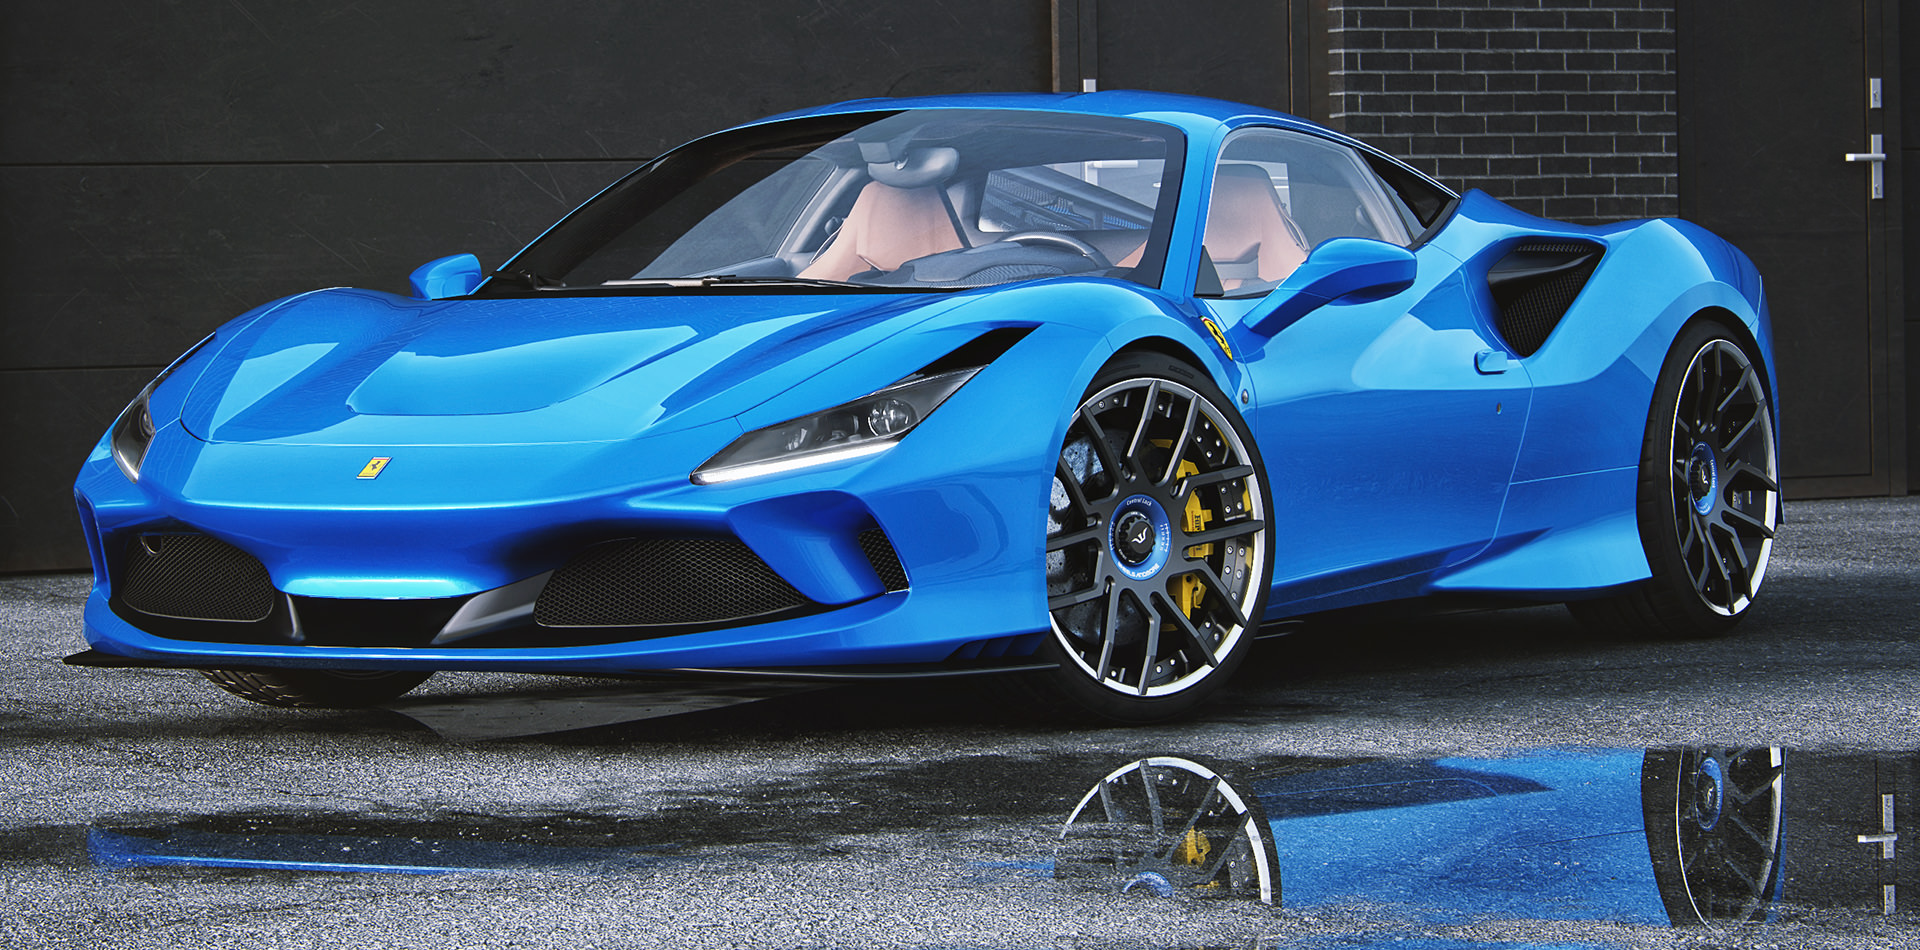 Ferrari F8 Tributo Leistungssmessung auf Prüfstand